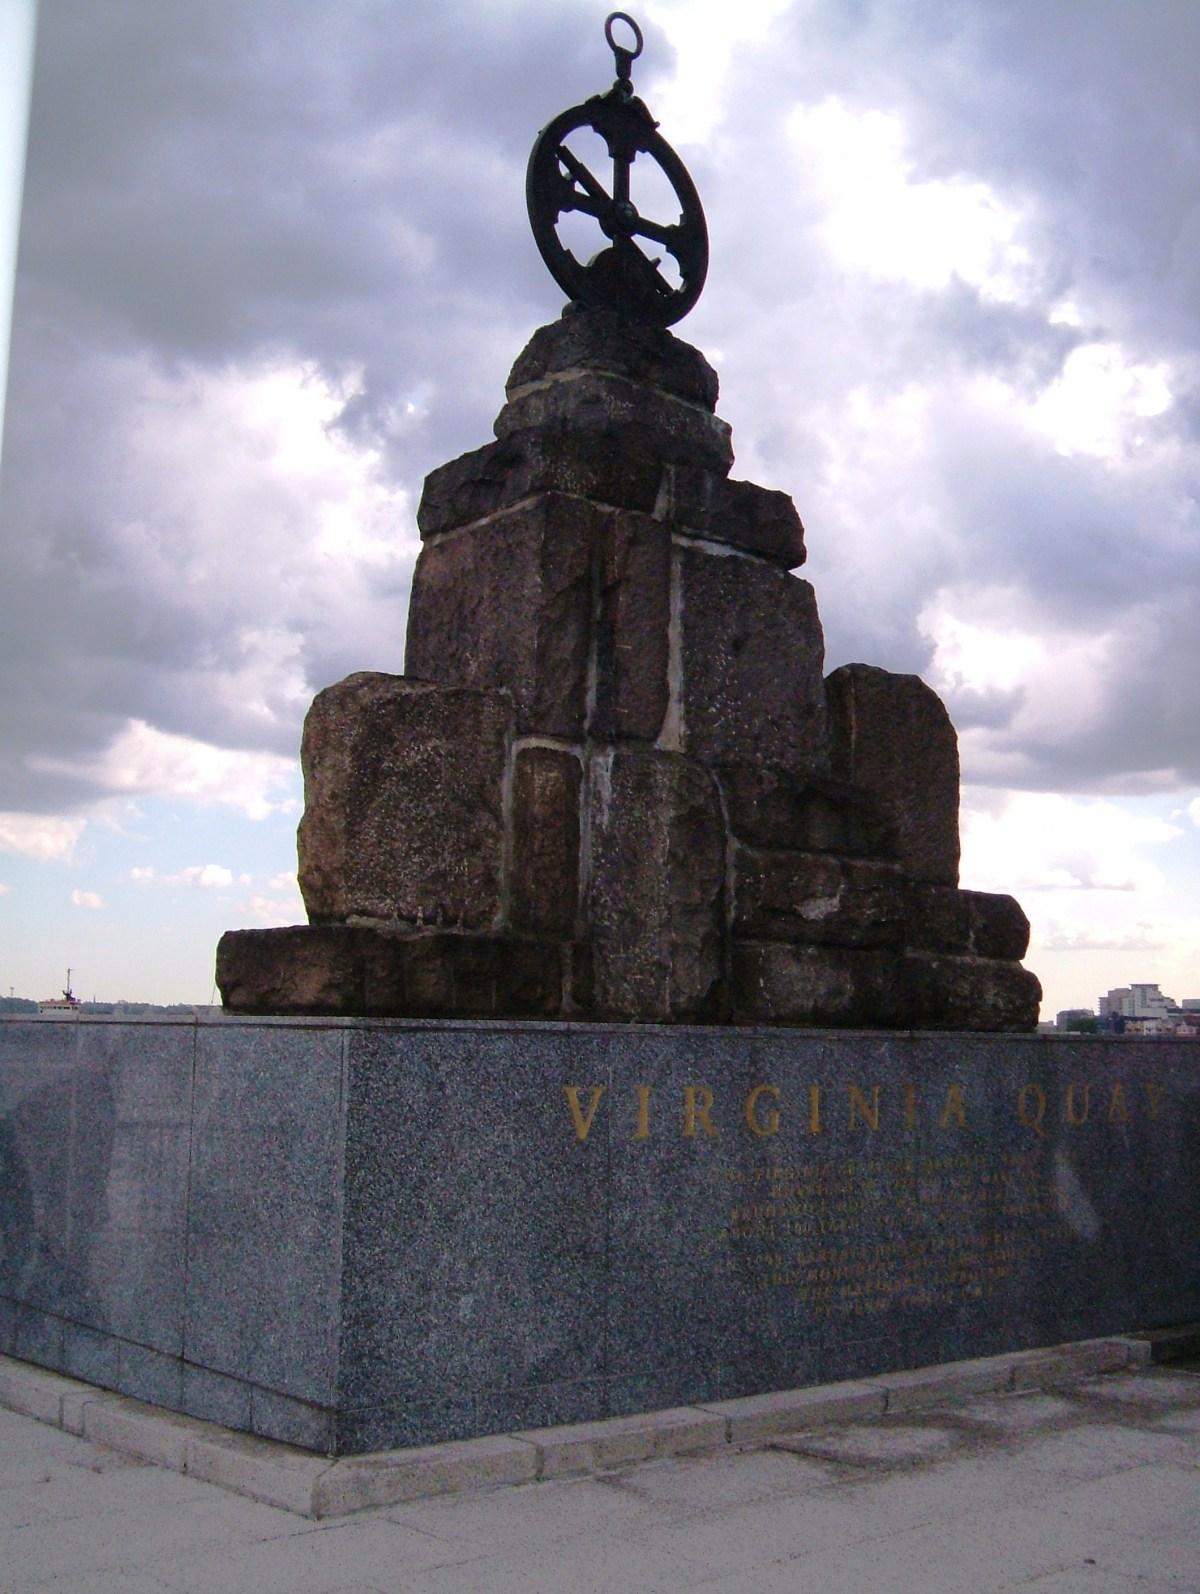 The Virginia Memorial on Brunswick Wharf